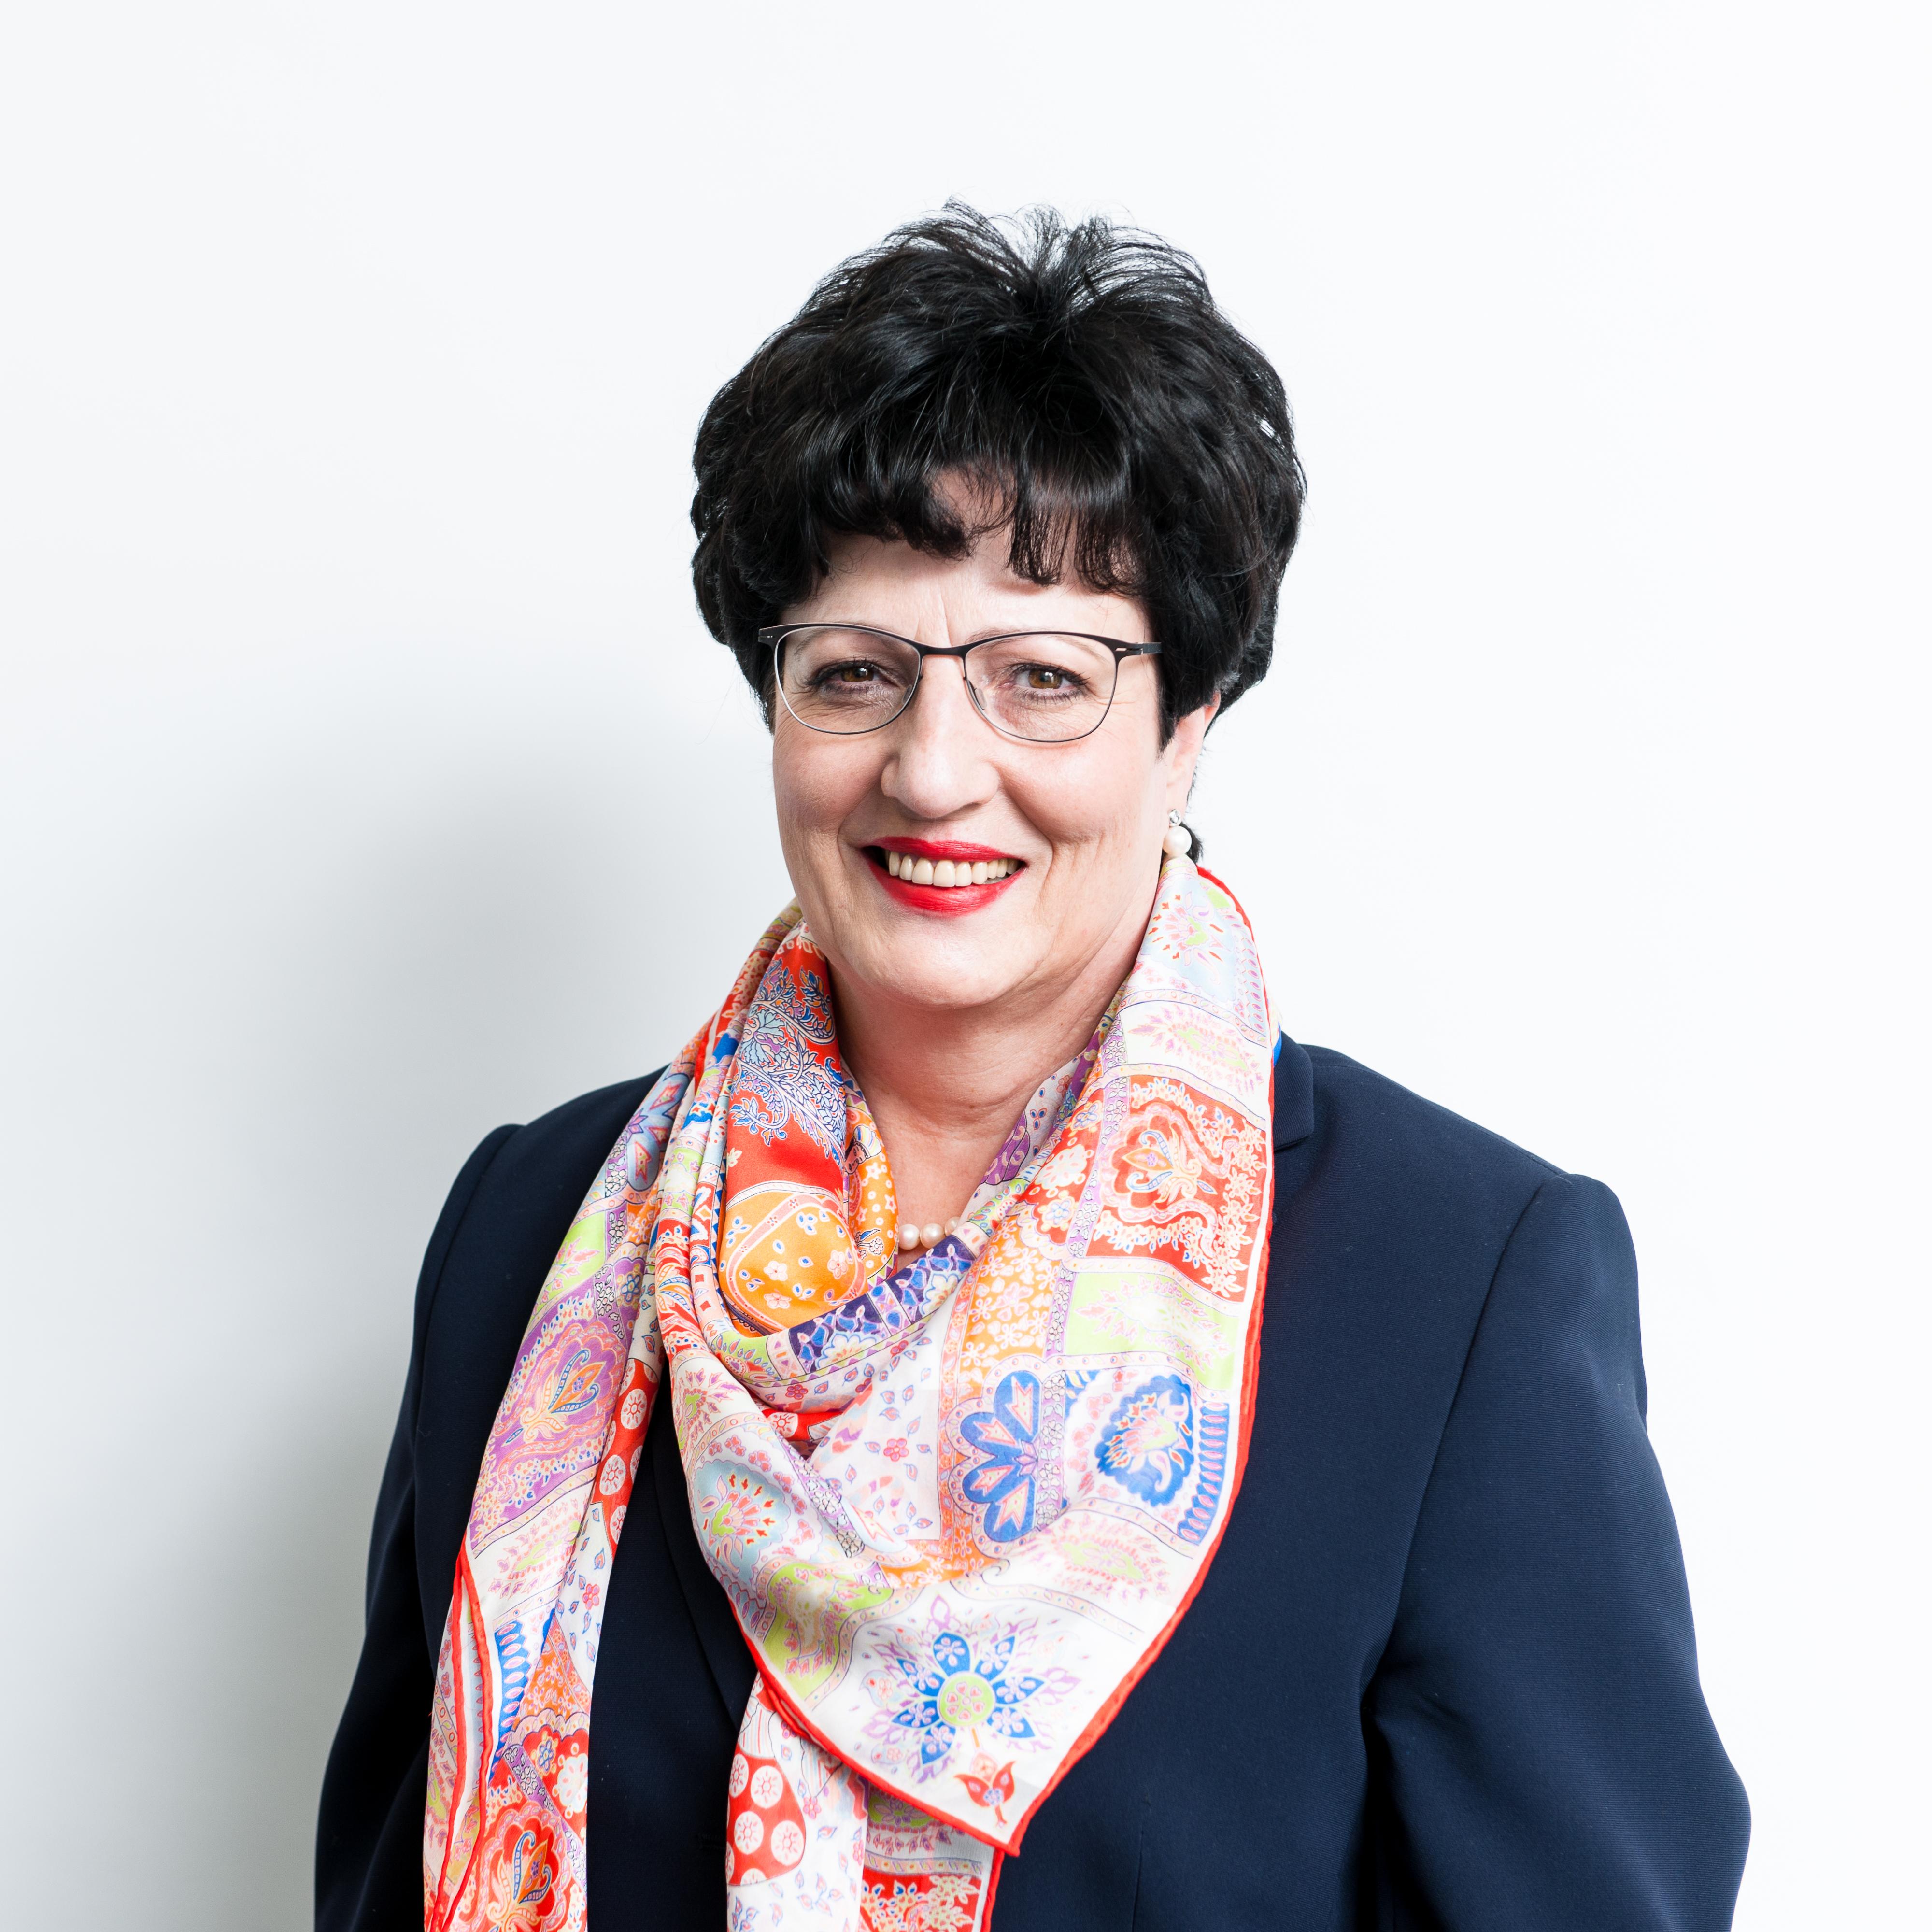 Ursula Funke